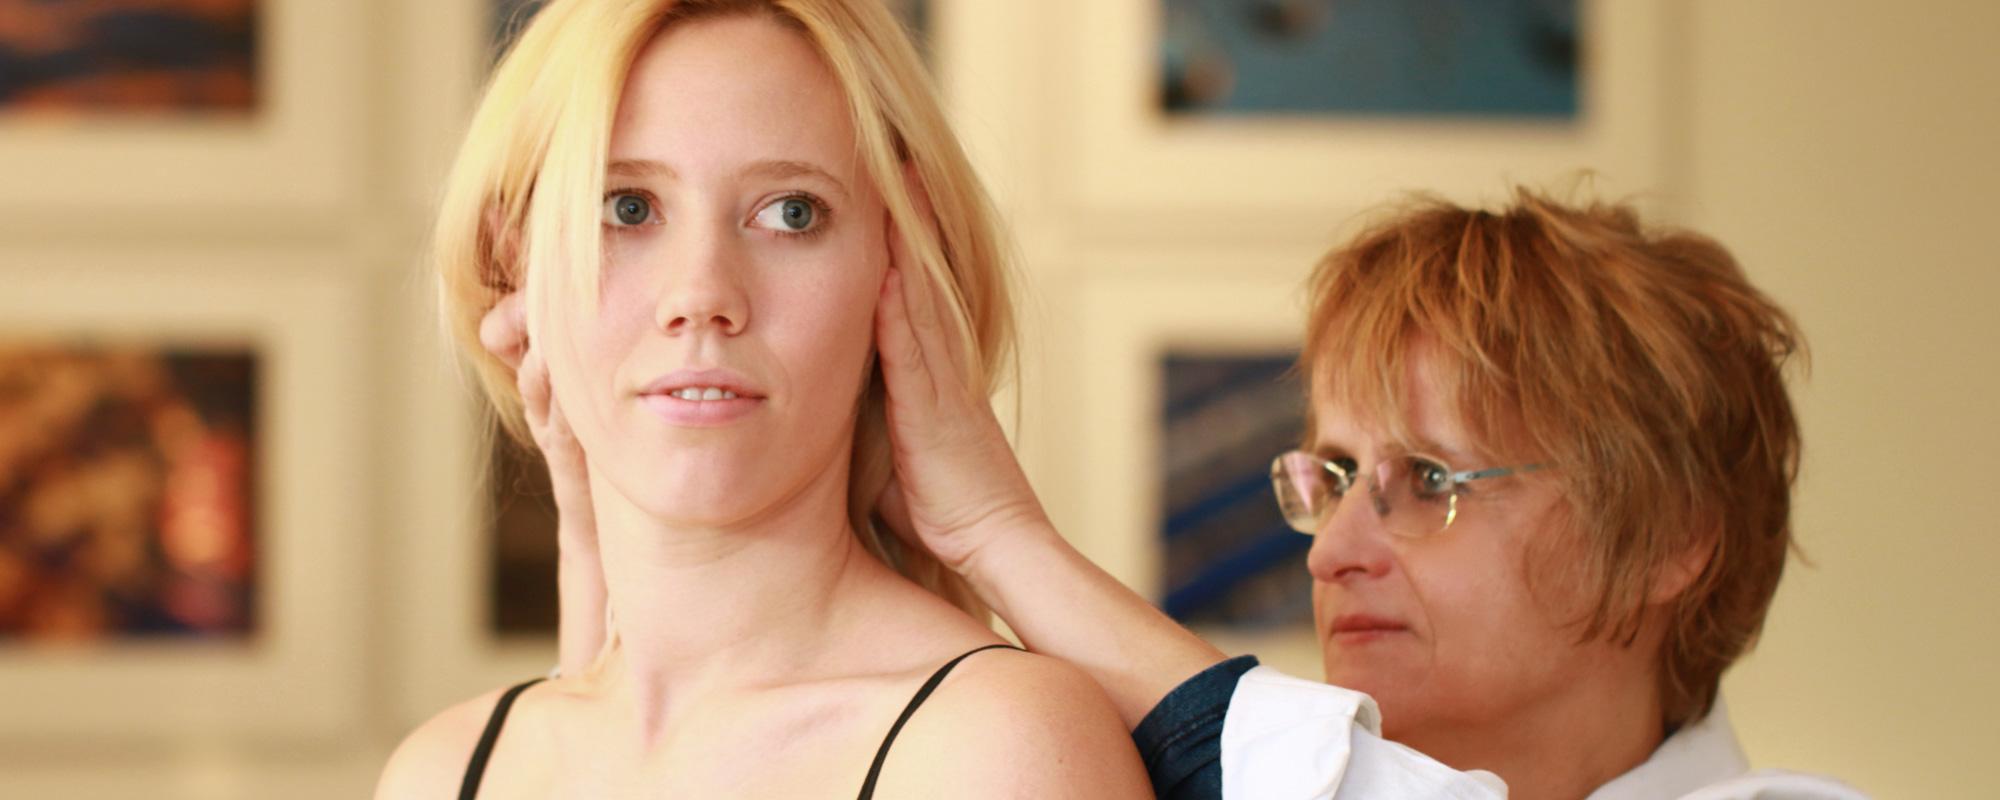 Dott.ssa Sandra Schütz <b>Fisiatra</b><p>Specialista in Medicina Fisica e Riabilitazione<p>Medico da oltre 20 anni, con ampia esperienza nella riabilitazione <strong> Neuromotoria e Ortopedica</strong> esperta in <strong> Posturologia e Medicina Integrata</strong></p>